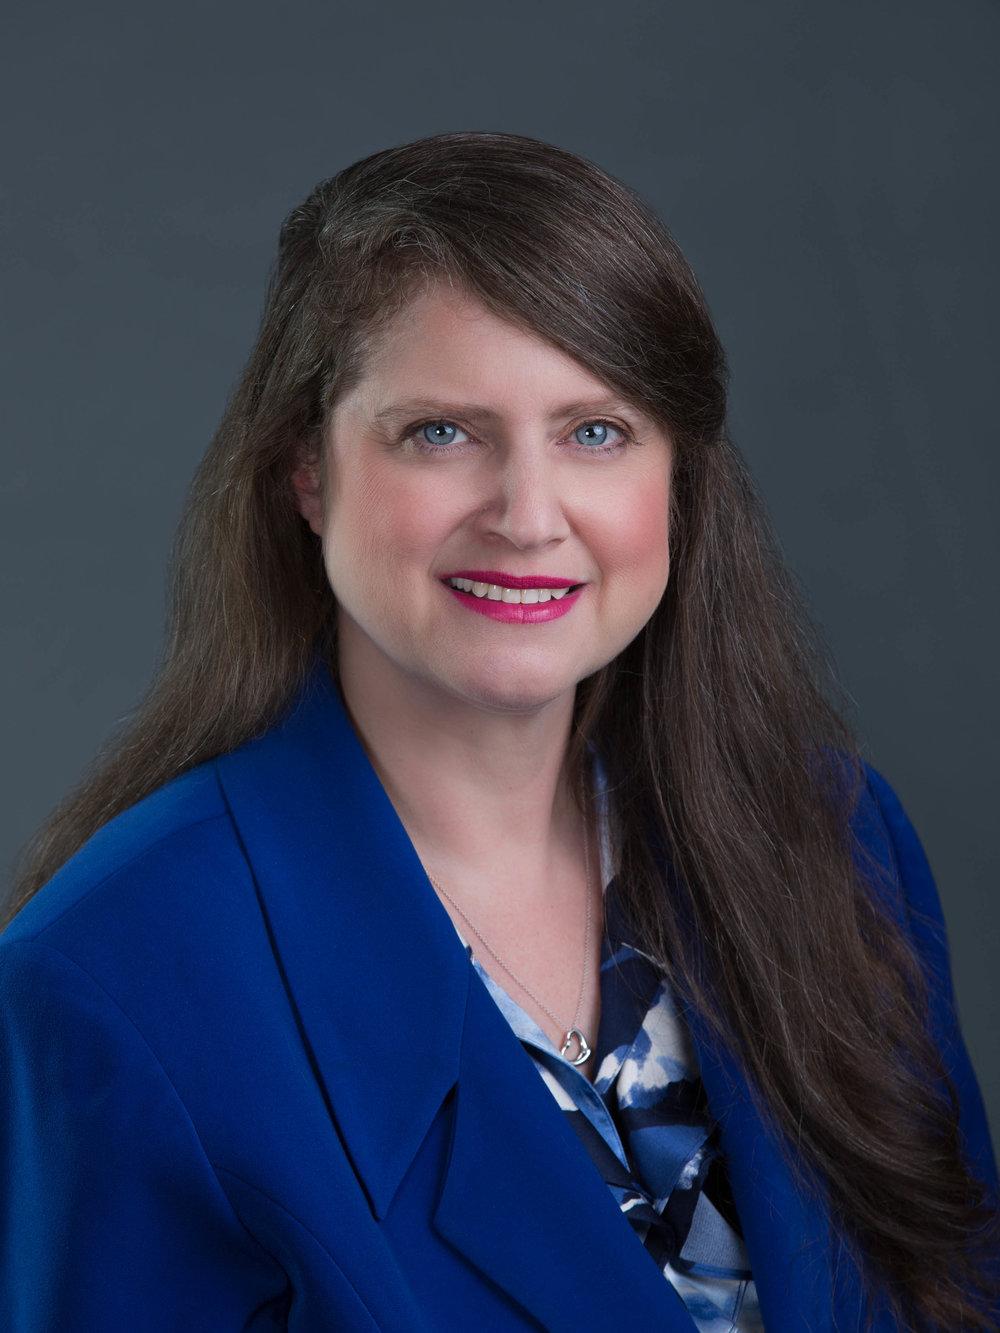 Sarahann Shapiro